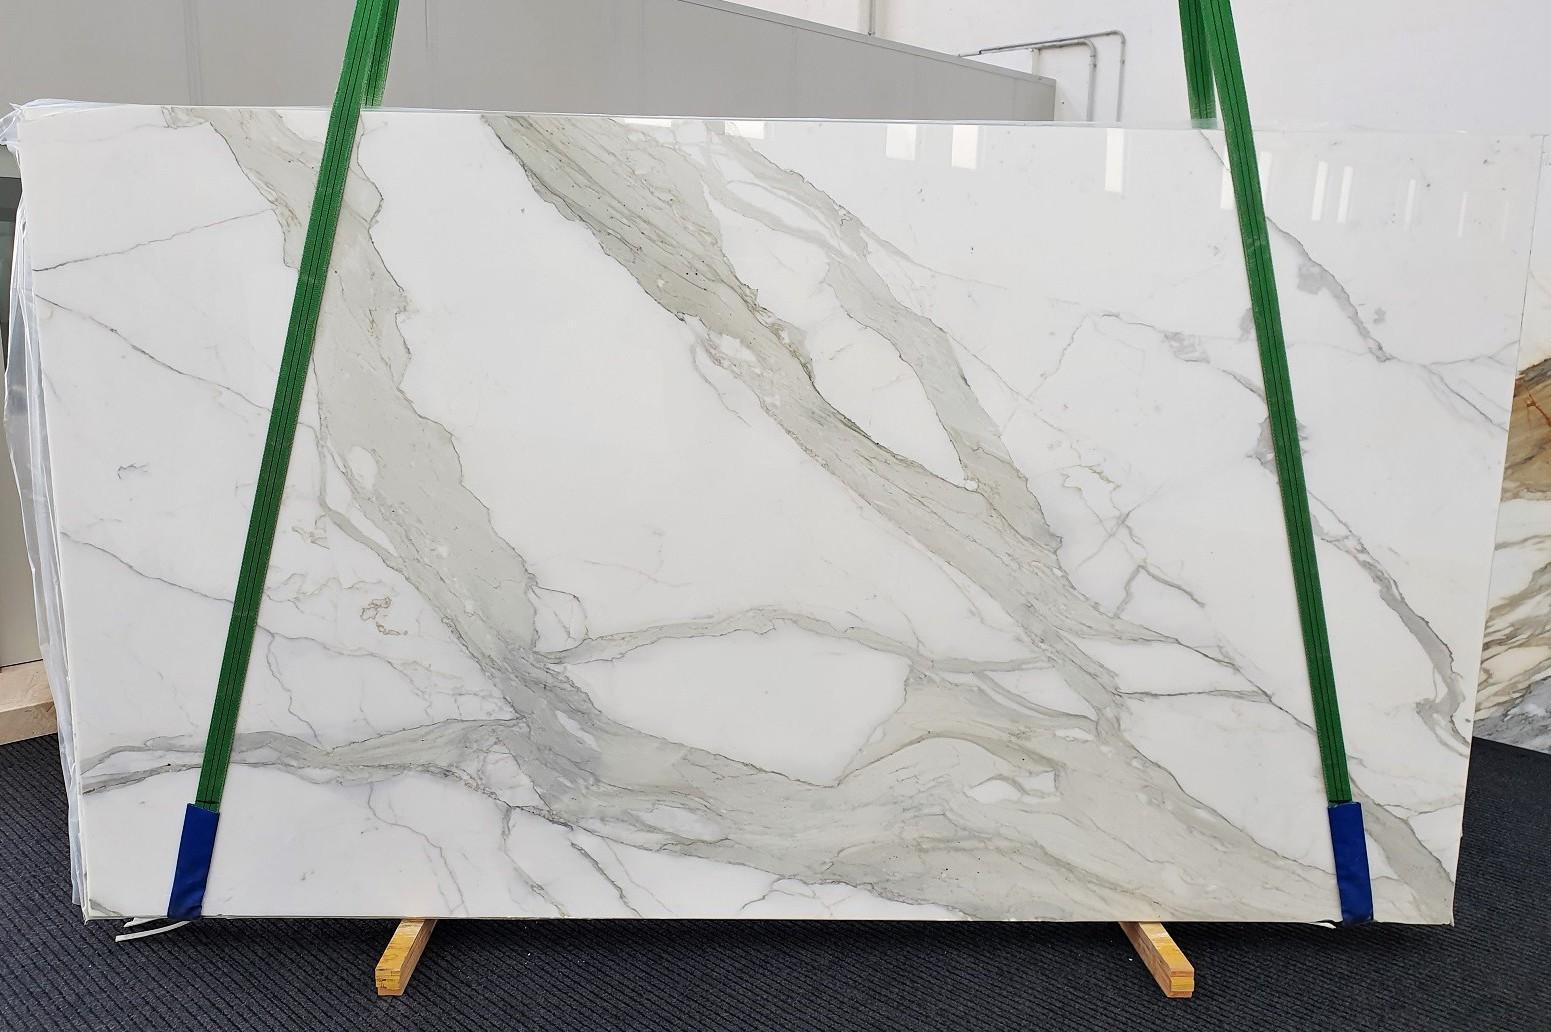 CALACATTA ORO EXTRA Suministro Veneto (Italia) de planchas pulidas en mármol natural 1366 , Slab #18